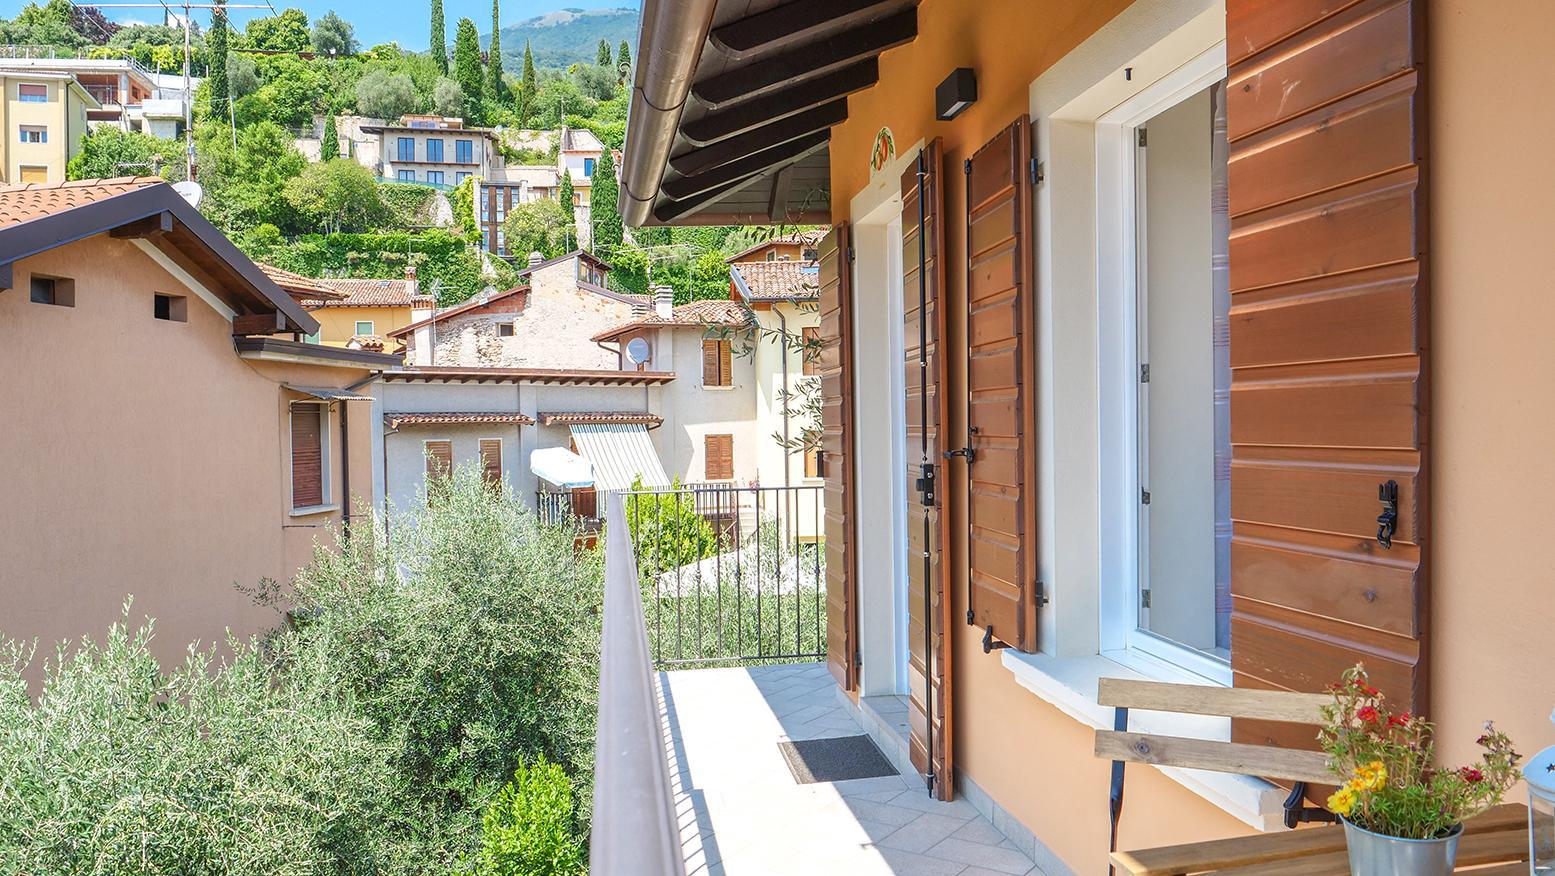 Ferienwohnung für 2 Personen  + 2 Kinder ca.    Gardasee - Lago di Garda